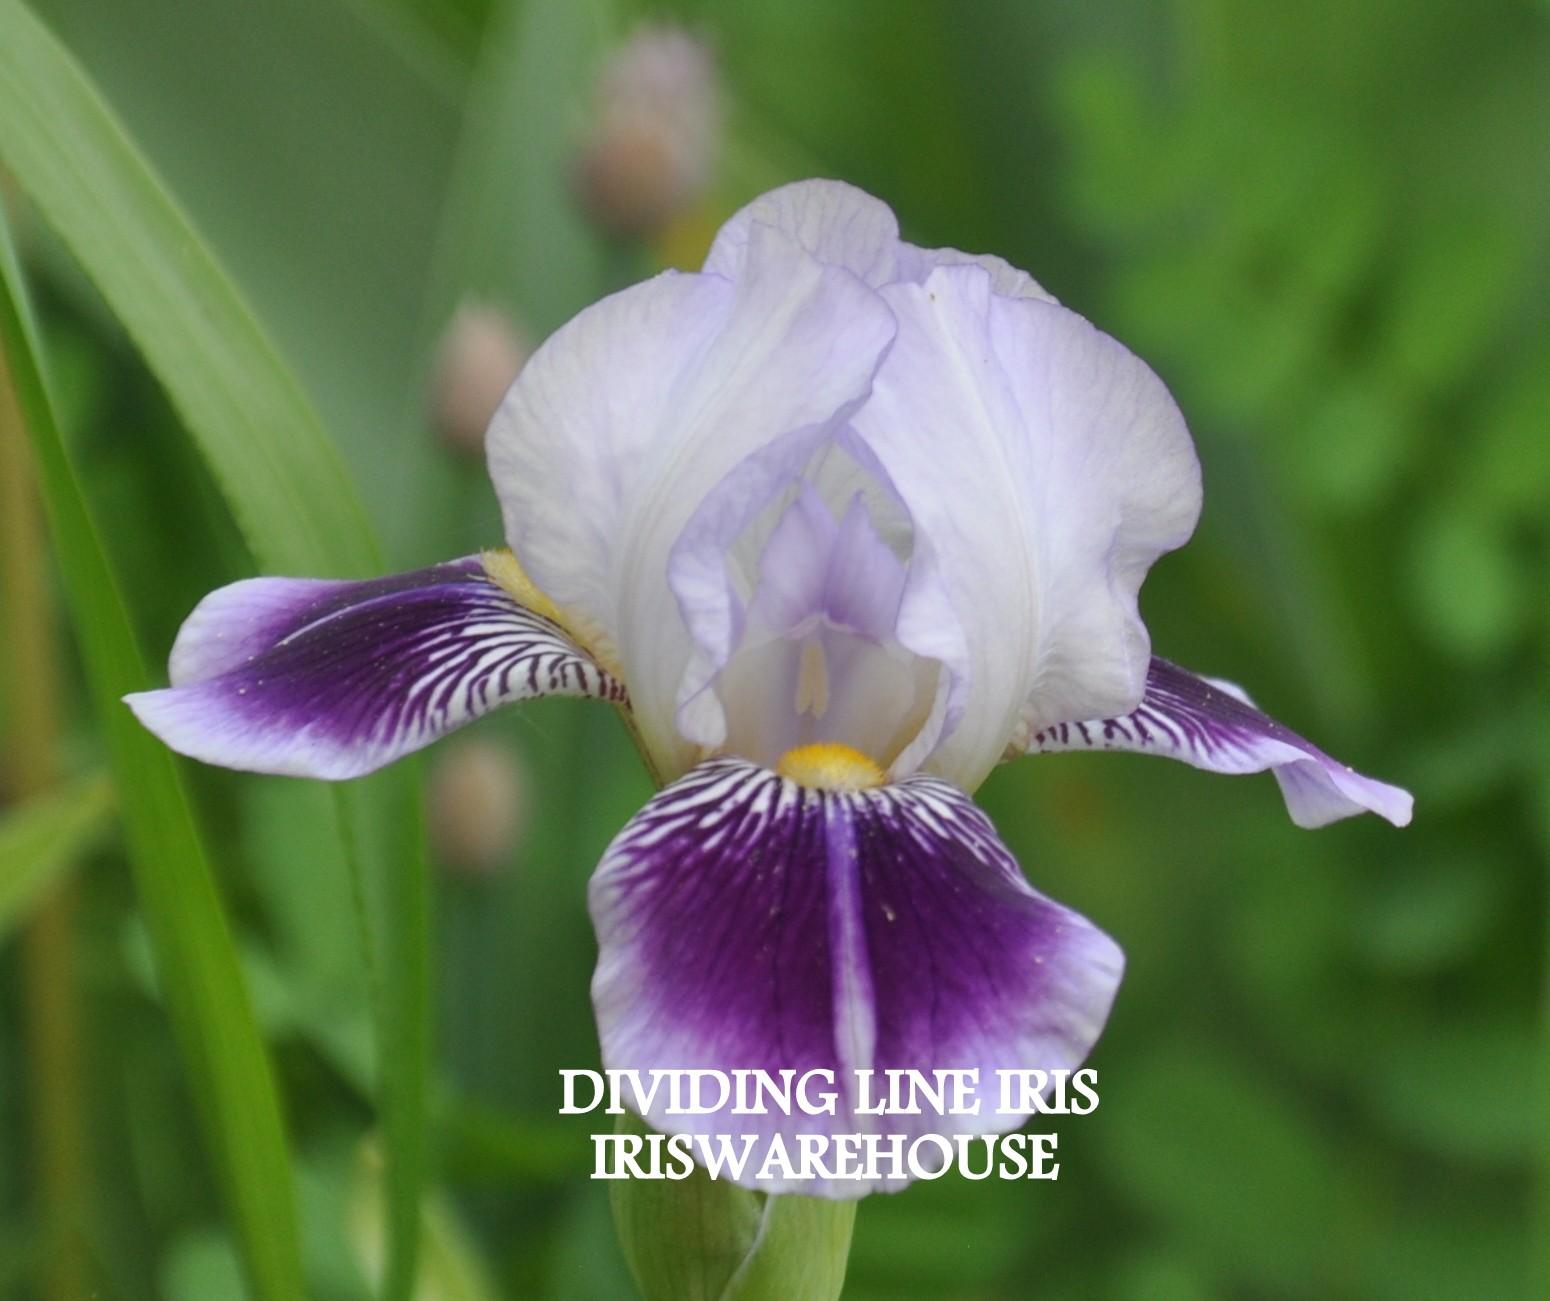 Dividing Line Iris